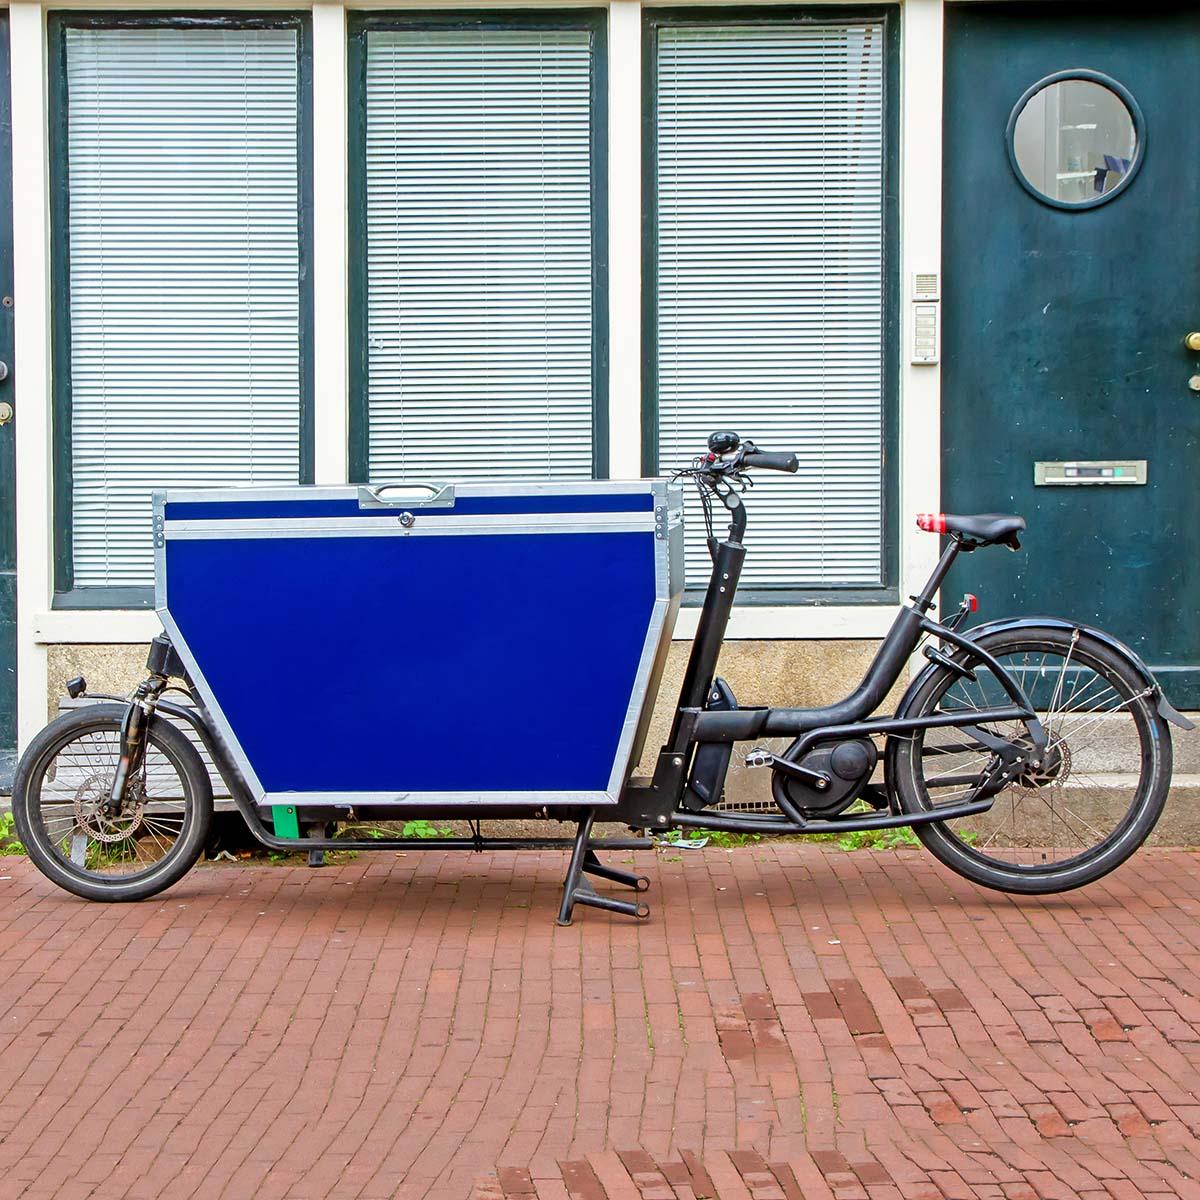 Projekt e-Mobilität Fahrradstadt Förderung Förderprogramm Lastenräder Lastenfahrrad Fahrrad Fahrradkurier Kurier Transportbox Mobilität Verkehr Umwelt City Fuggerstadt PRO AUGSBURG Fraktion Verein Stadtrat Antrag